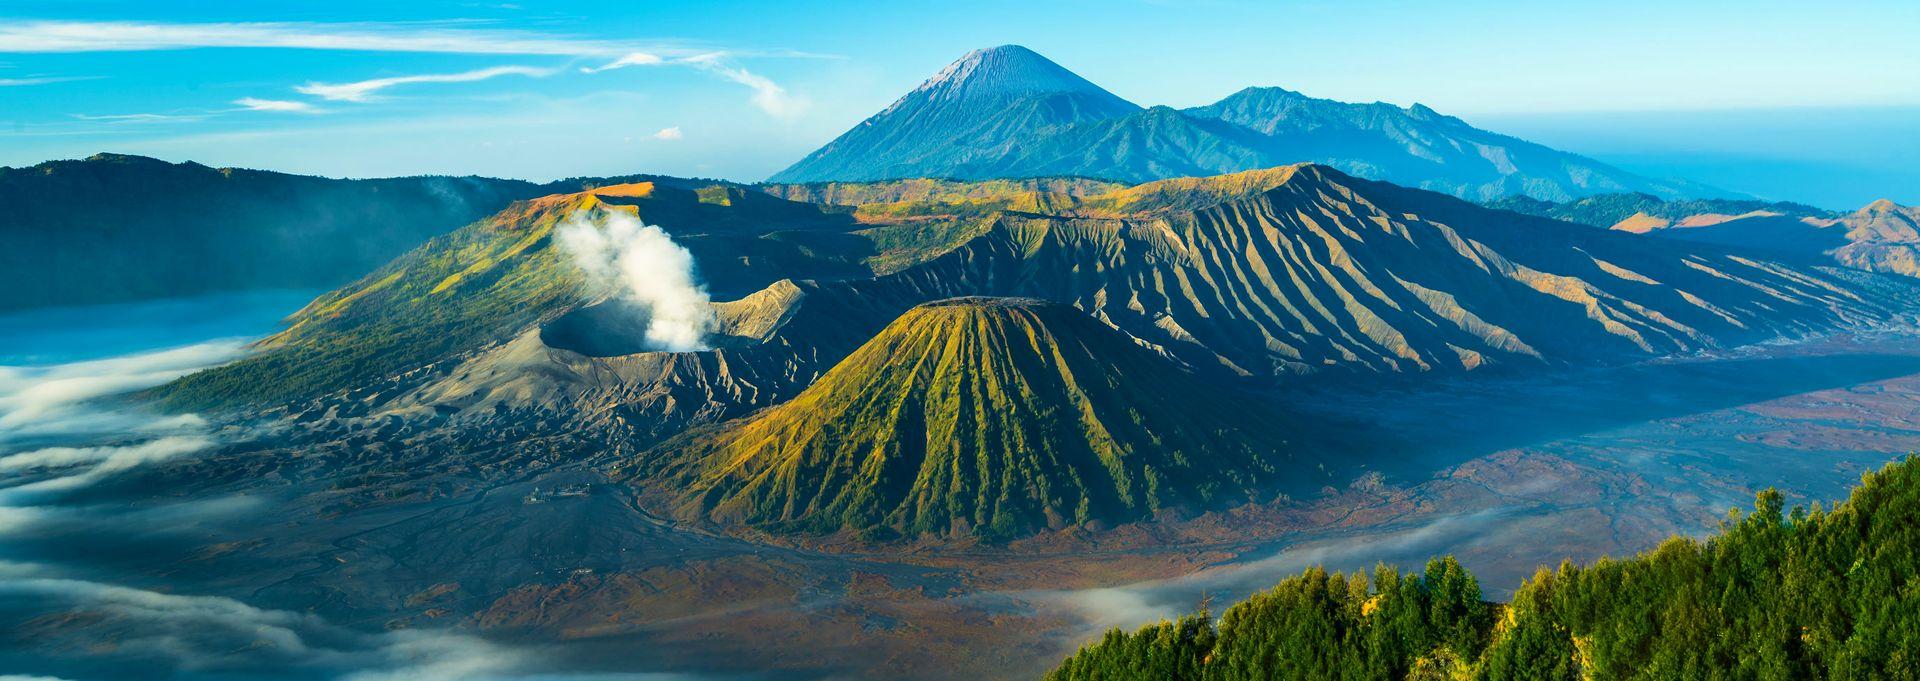 Indonezja - Widok na wulkan Bromo